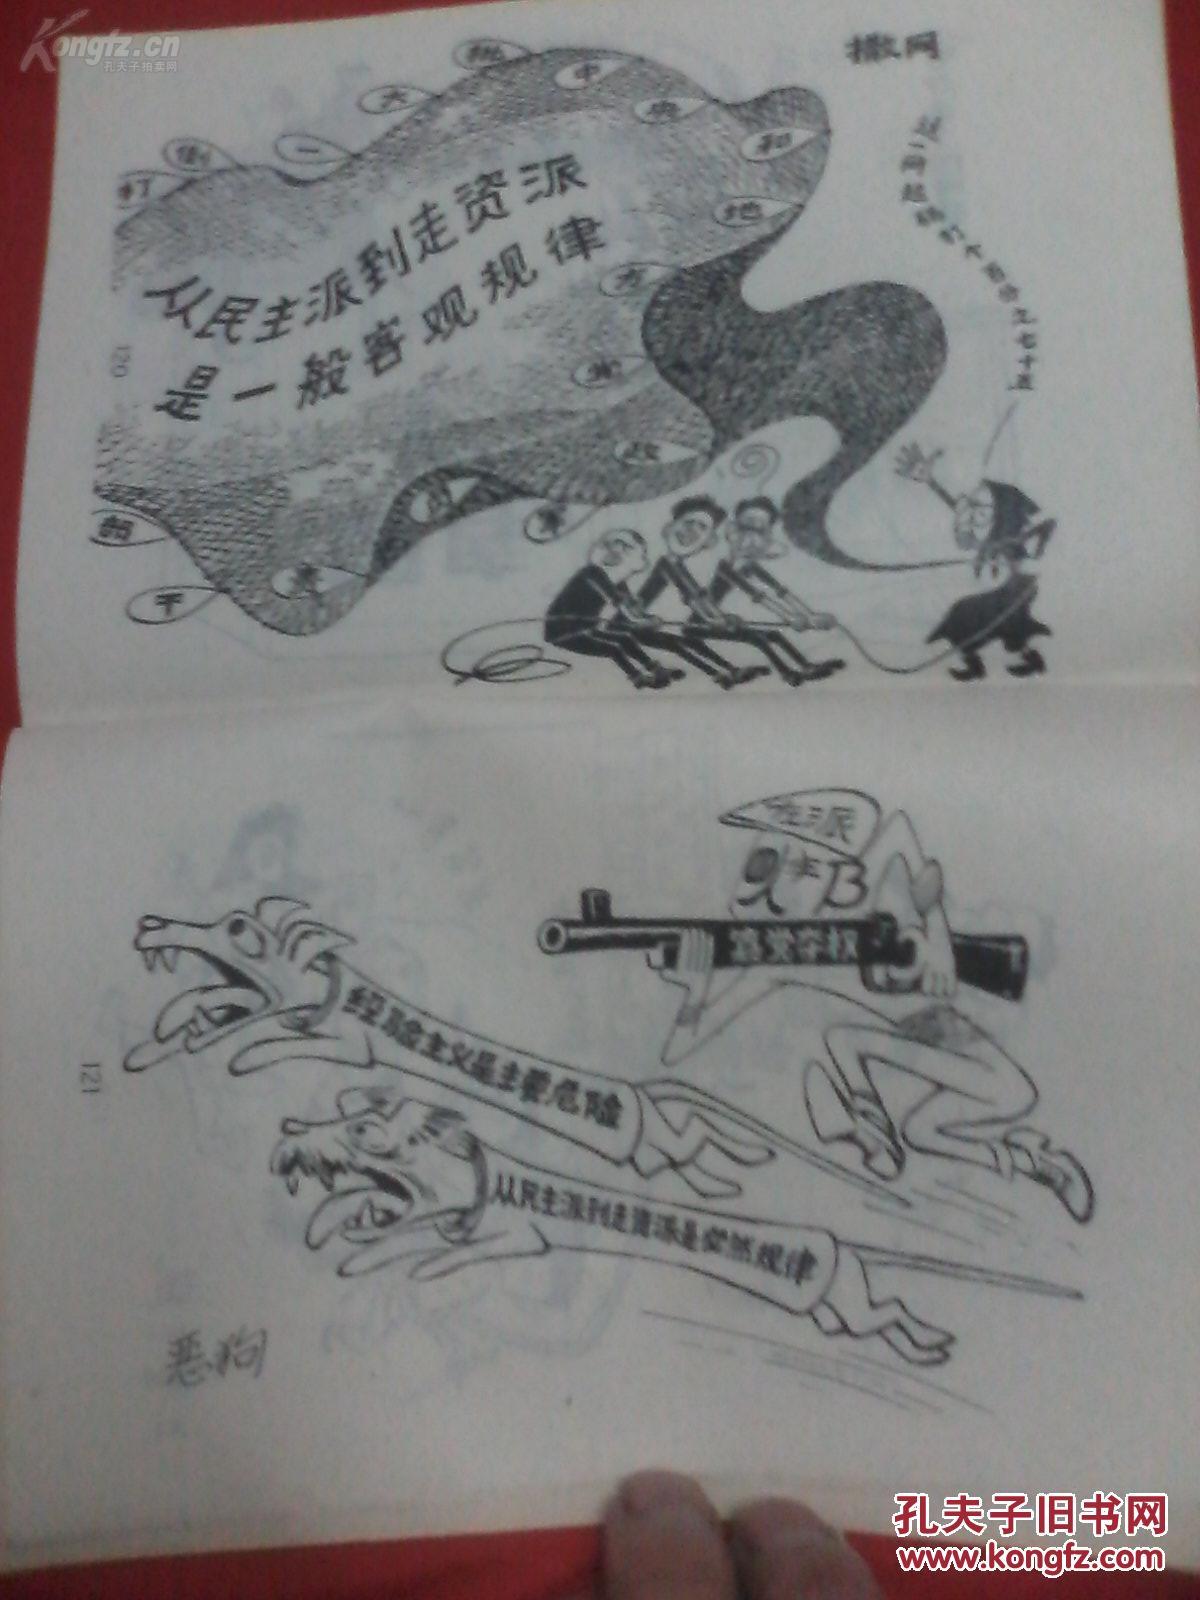 【图】包邮76年《砸烂四人帮漫画集》_价格漫画肉绝妻叫图片